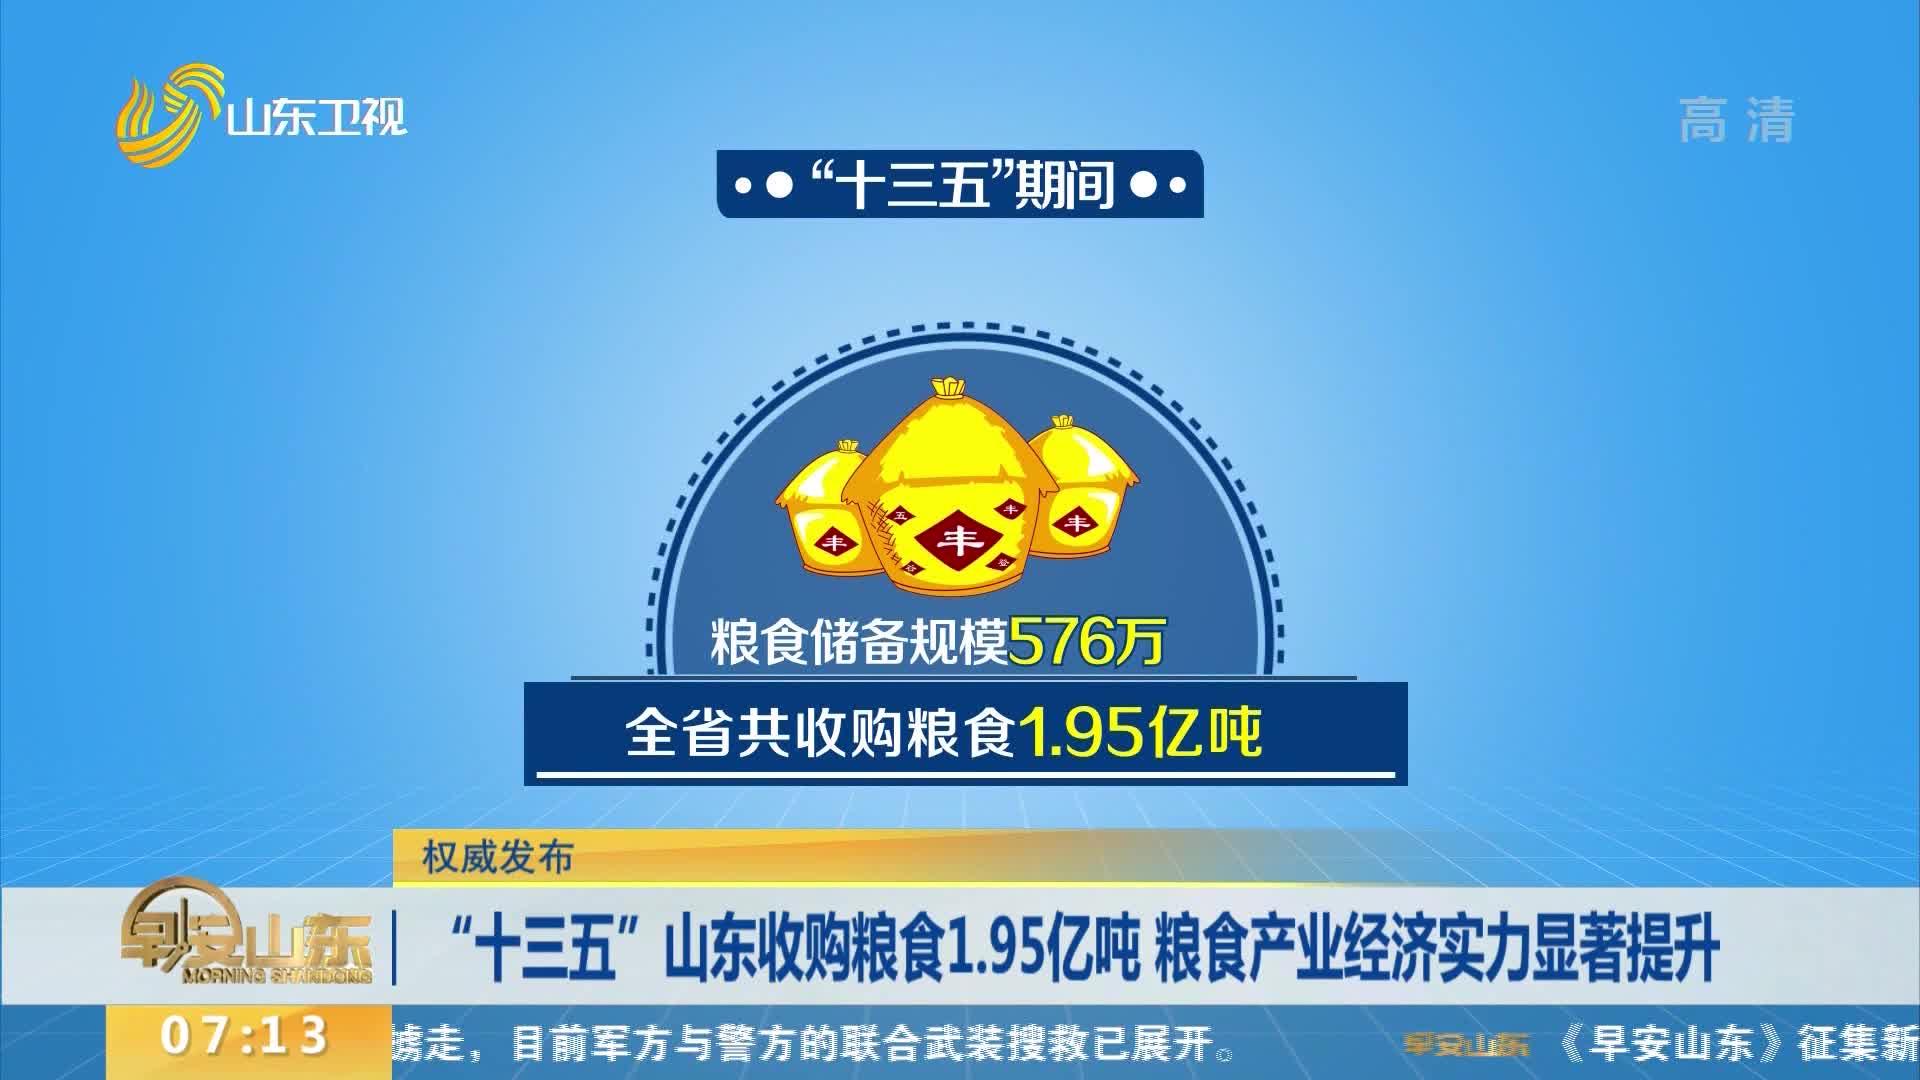 """""""十三五""""山东收购粮食1.95亿吨 粮食产业经济实力显著提升"""